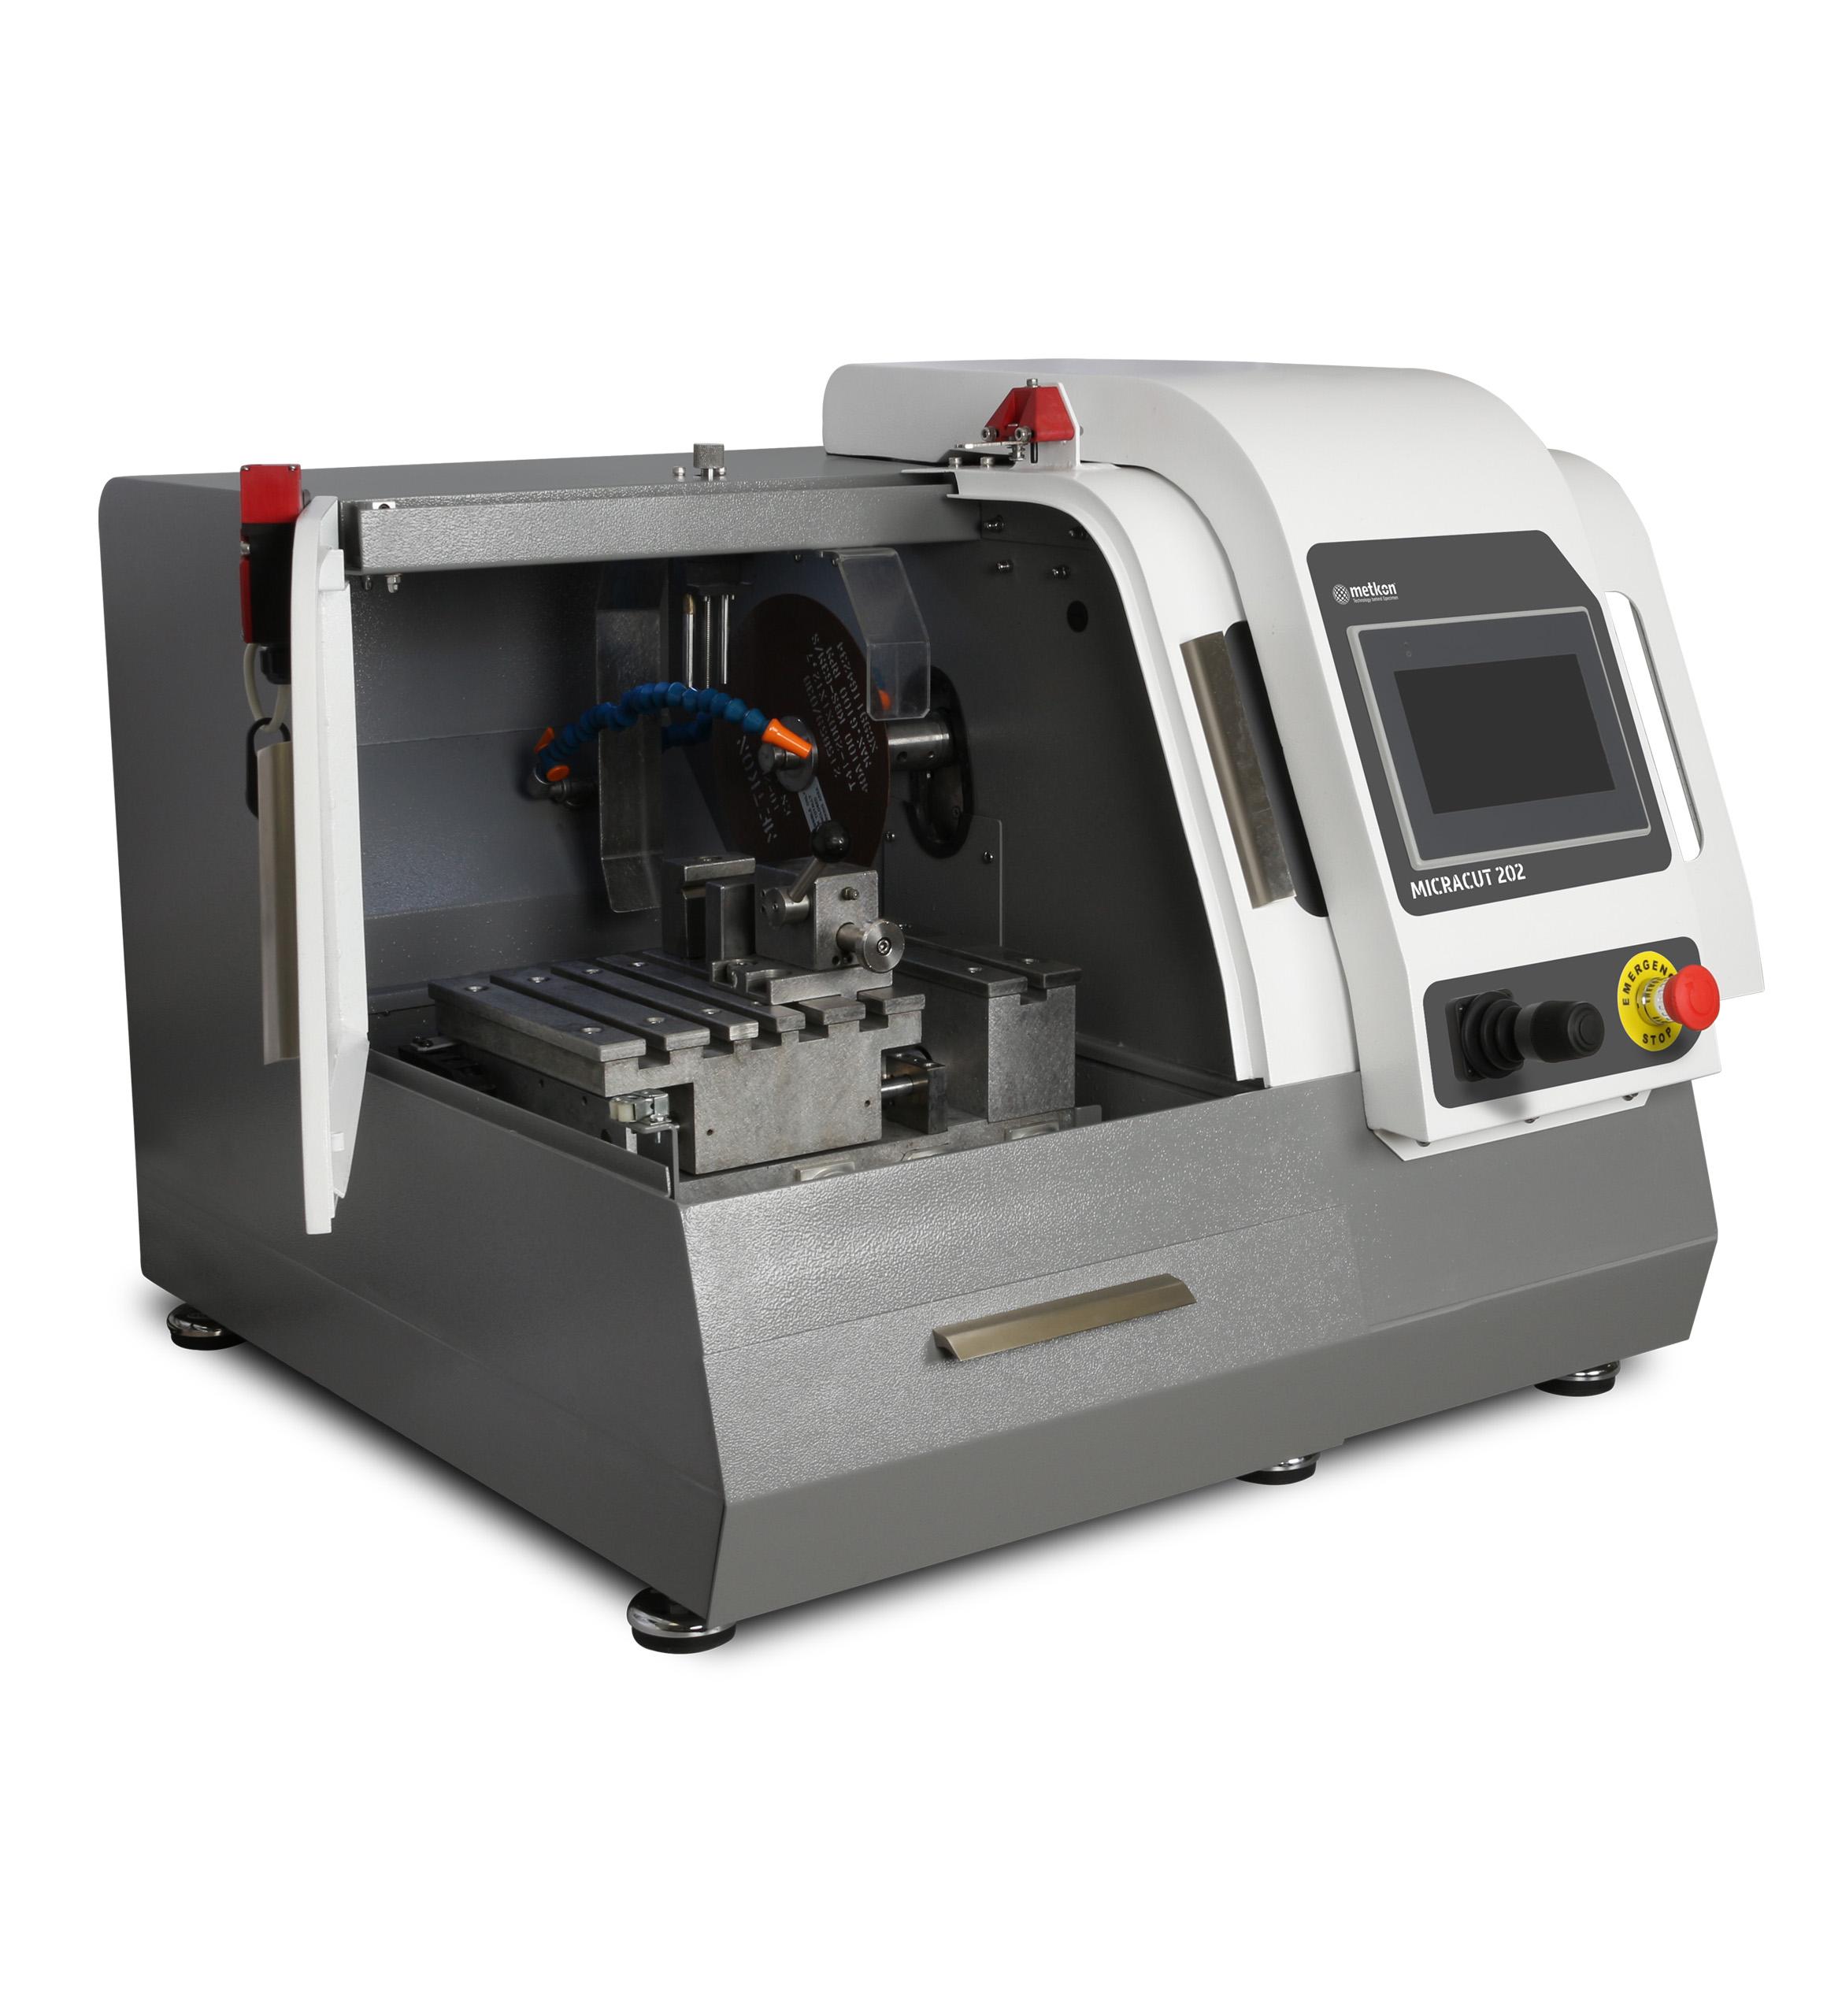 MicraCut 202 automata, nagy sebességű, precíziós vágógép